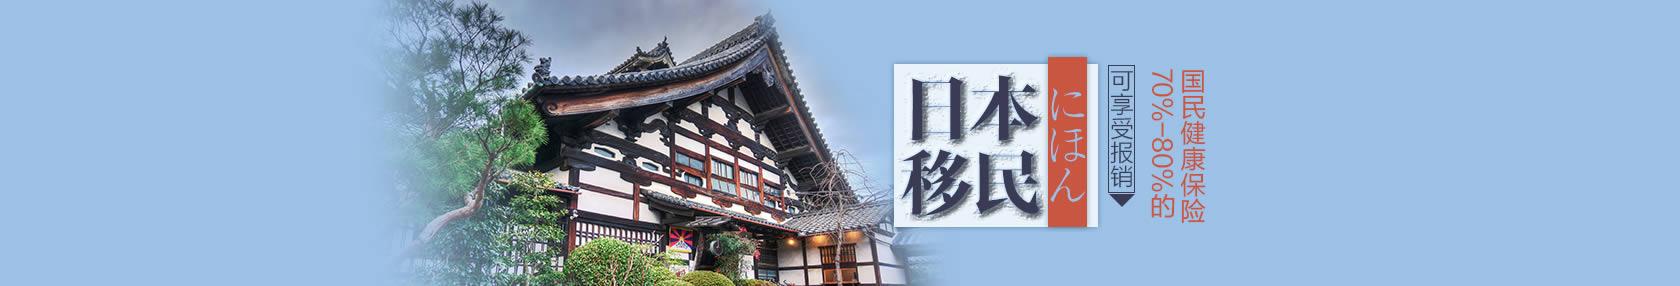 【环球移民】日本创业移民项目-移民日本享受日本国民健康保险福利